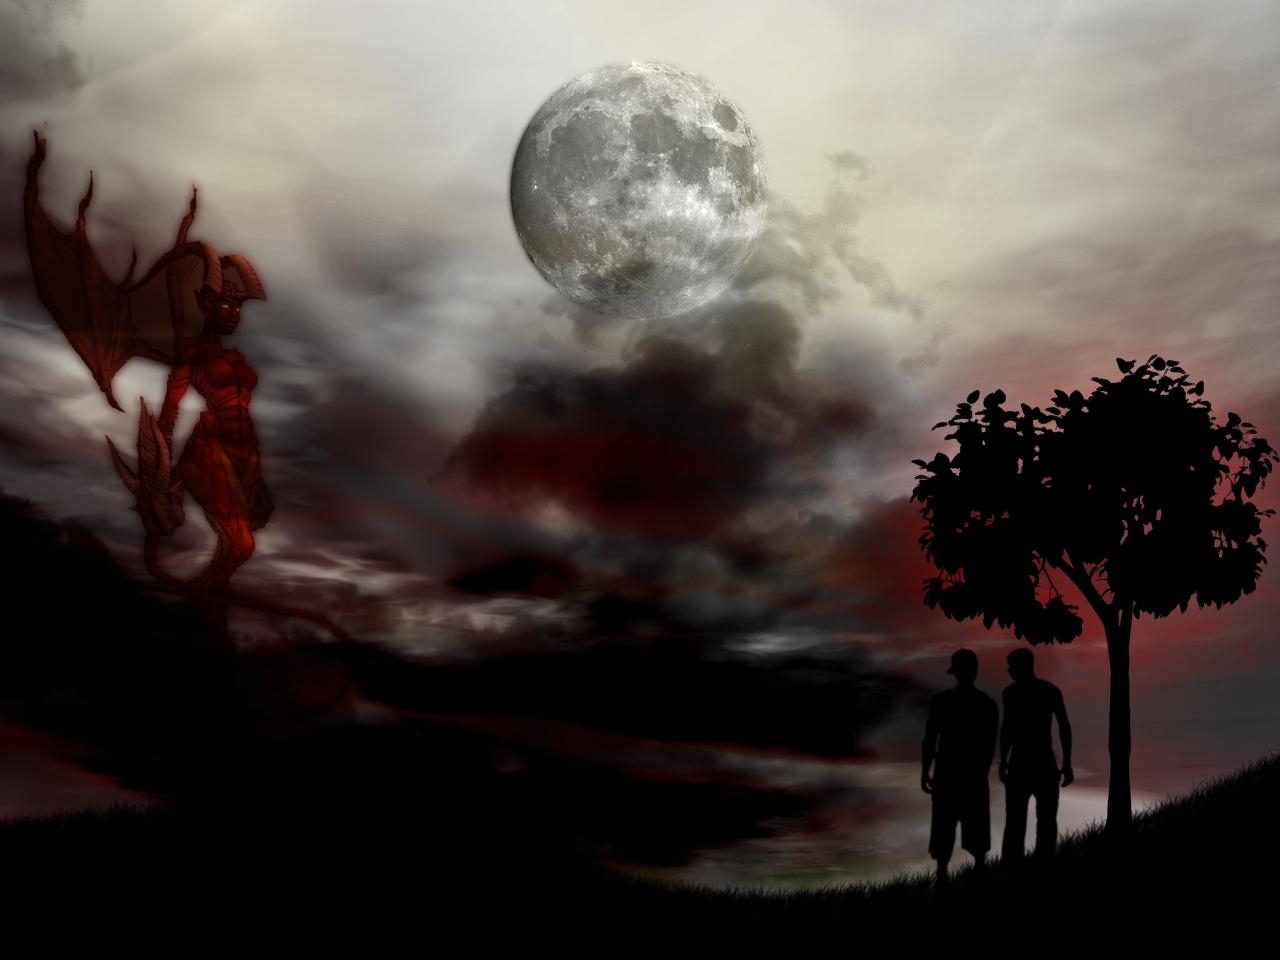 http://4.bp.blogspot.com/-eMbgy7T9TX8/TmSWLekKIJI/AAAAAAAAALs/Yqt6wGQlgbg/s1600/Evil-Wallpapers-5.jpeg